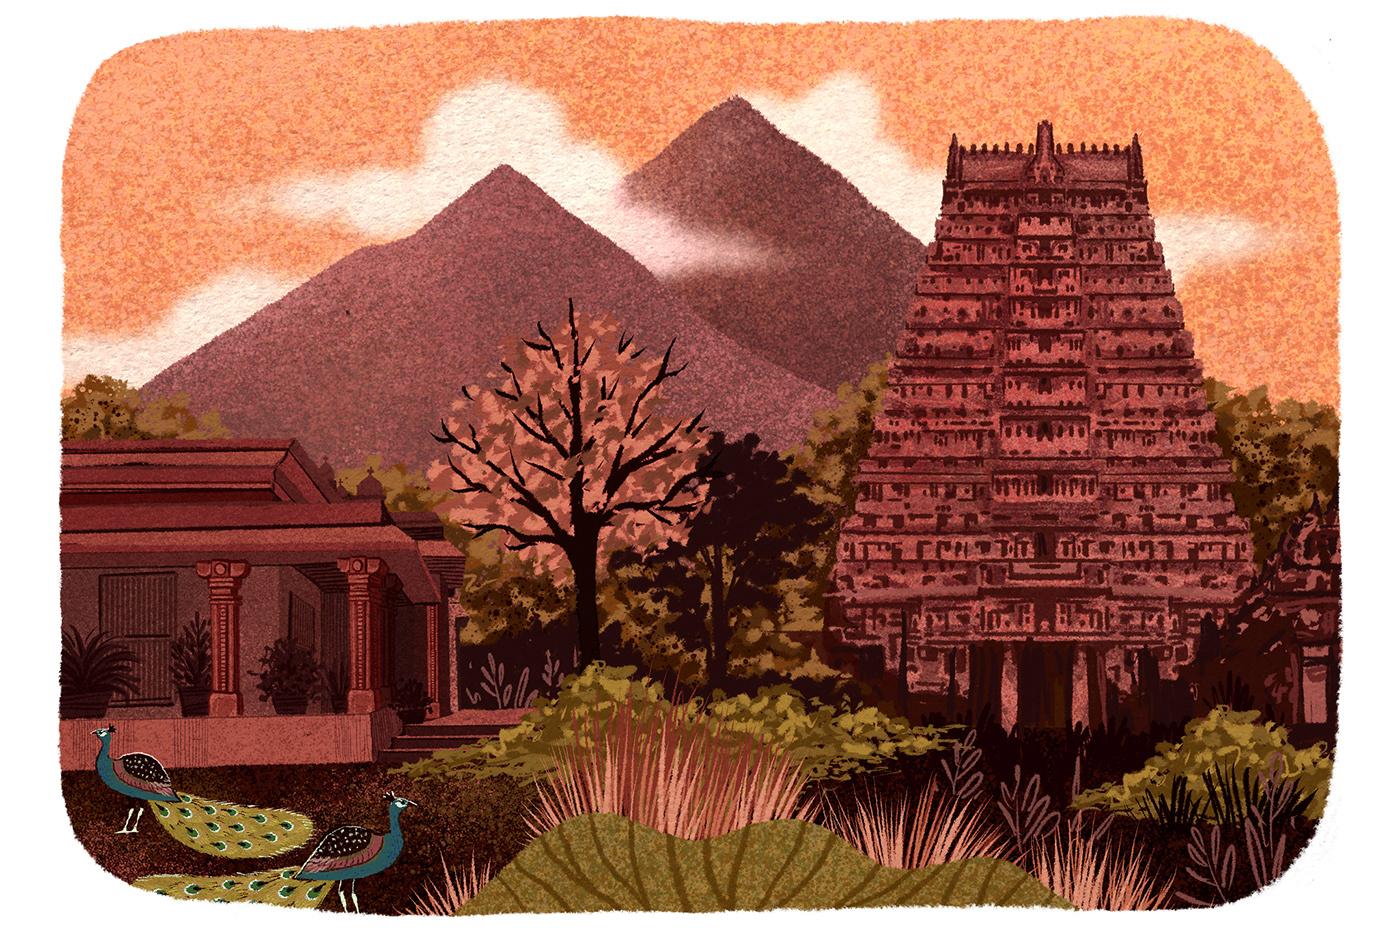 exotic india India indian culture Indian Places ipad art lifestyle magazine magazine art NATGEO TRAVEL Travel wildlife